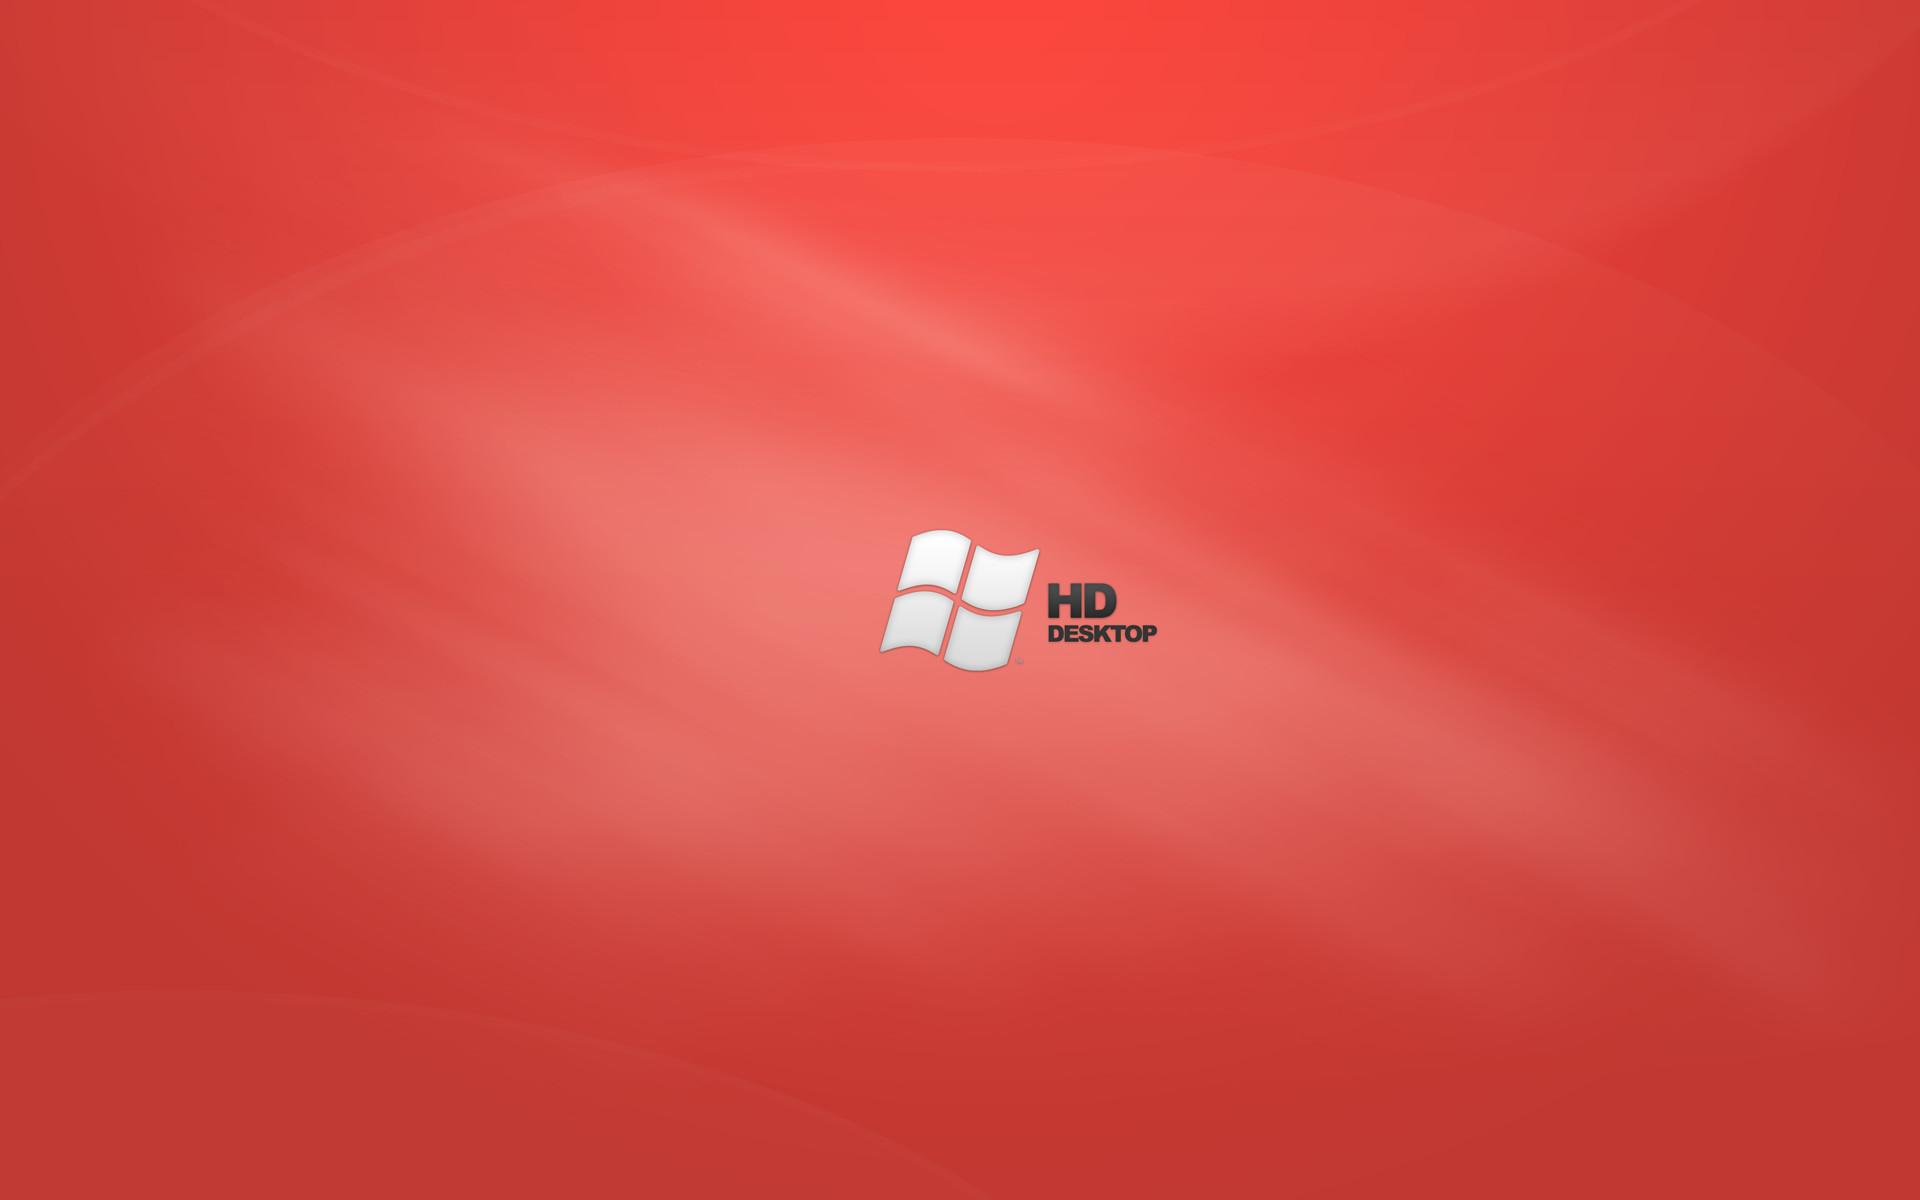 Windows Wallpaper Program – WallpaperSafari